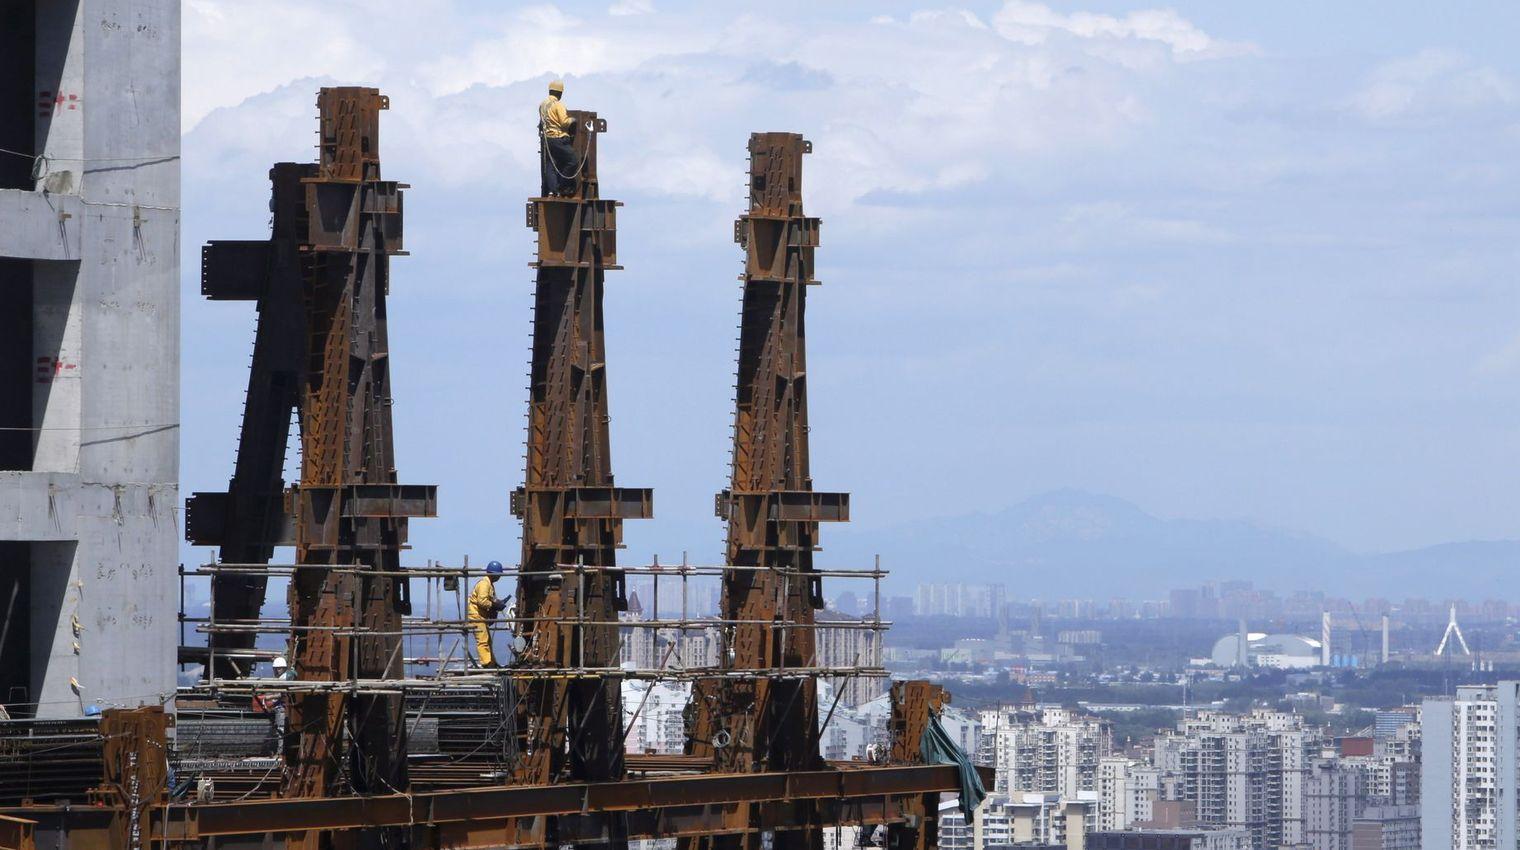 La banque mondiale 'made in China': vers une nouvelle gouvernance mondiale?